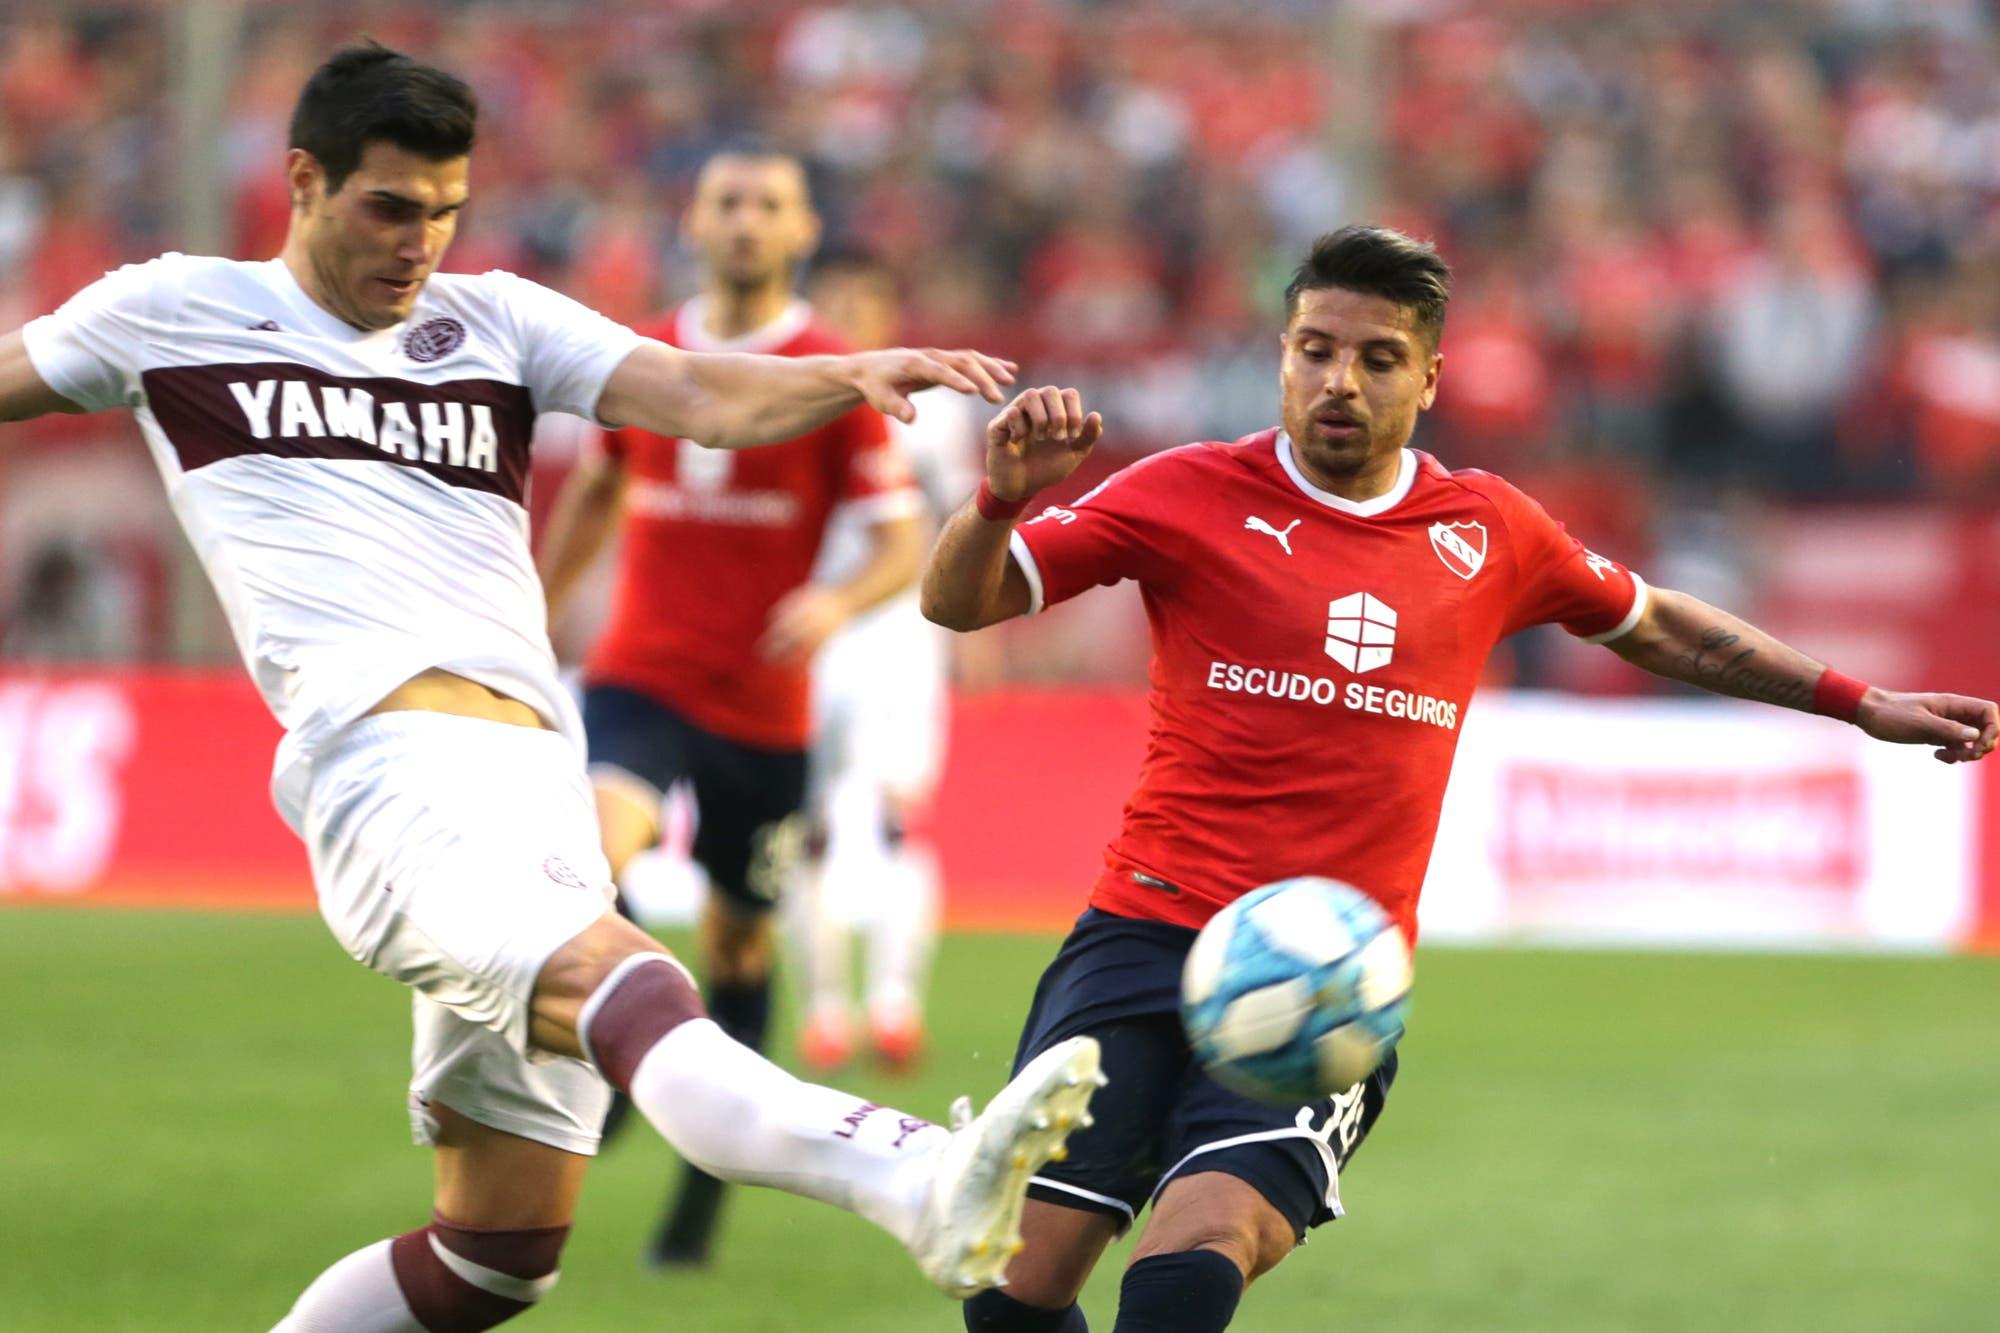 Independiente-Lanús: un empate que dejó una sonrisa para el Granate y silbidos para el Rojo